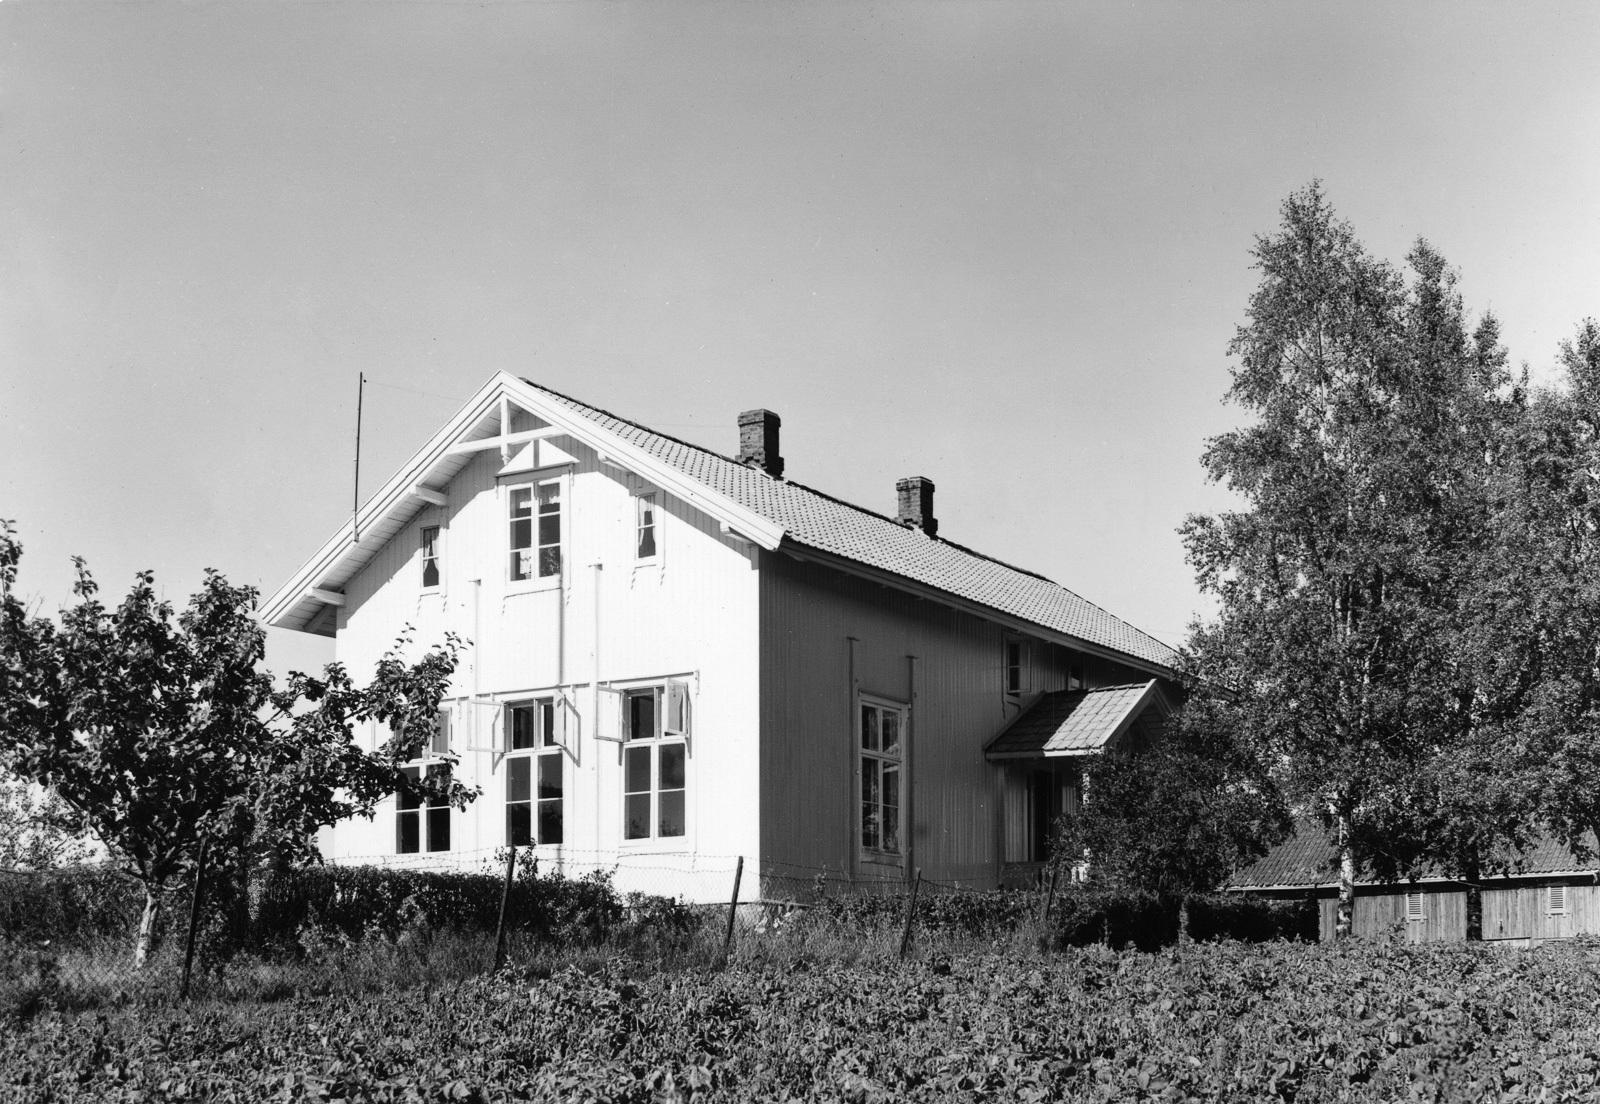 kh704.jpg